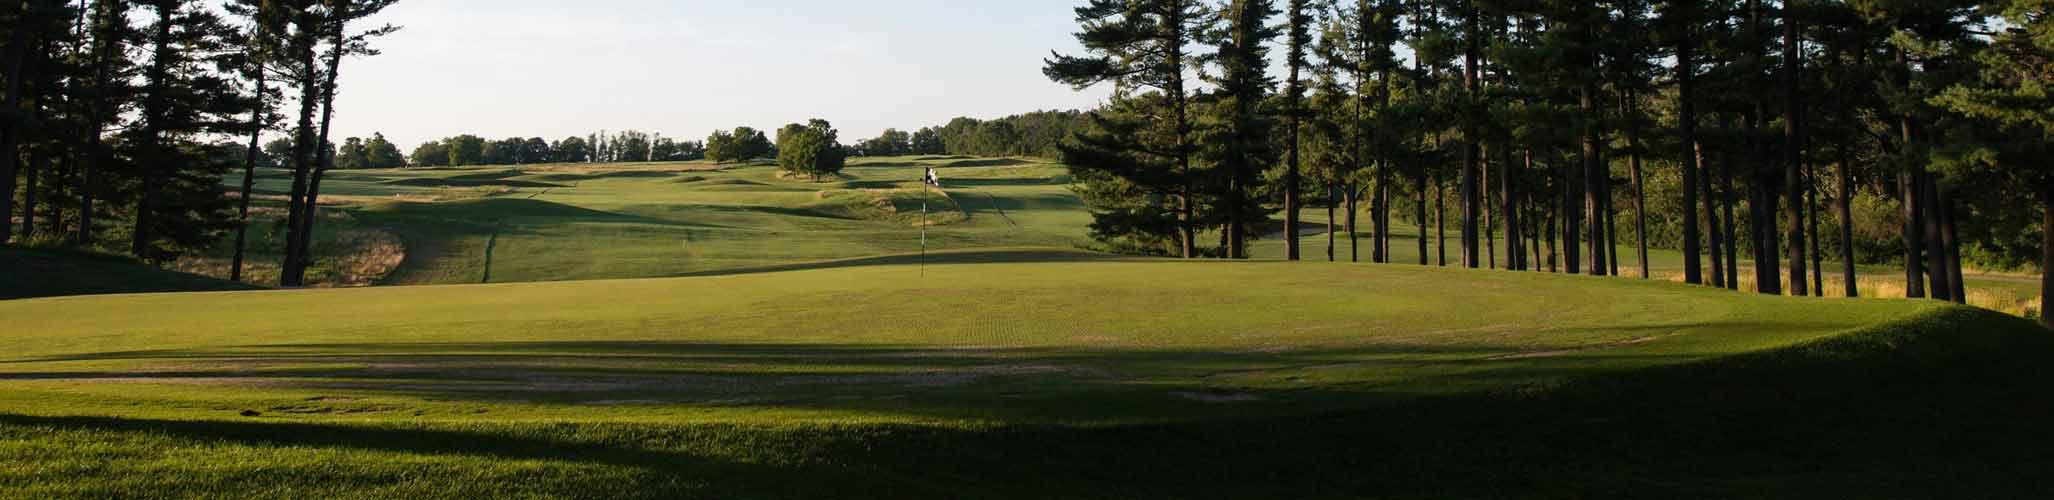 End-of-Season Golf Package